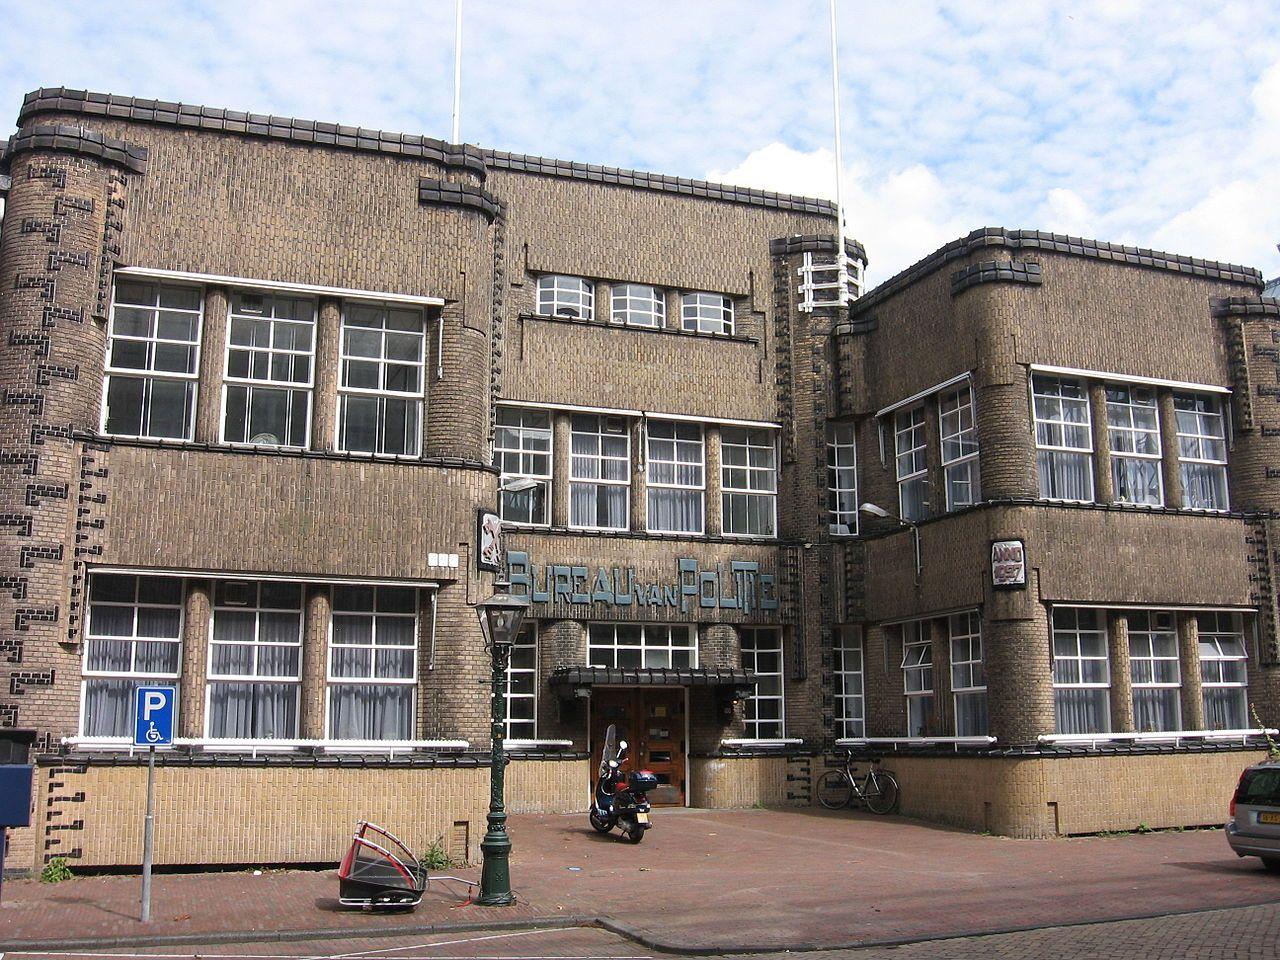 Amsterdamse school bouwstijl wikipedia early modernism art amsterdamse school bouwstijl wikipedia xflitez Gallery